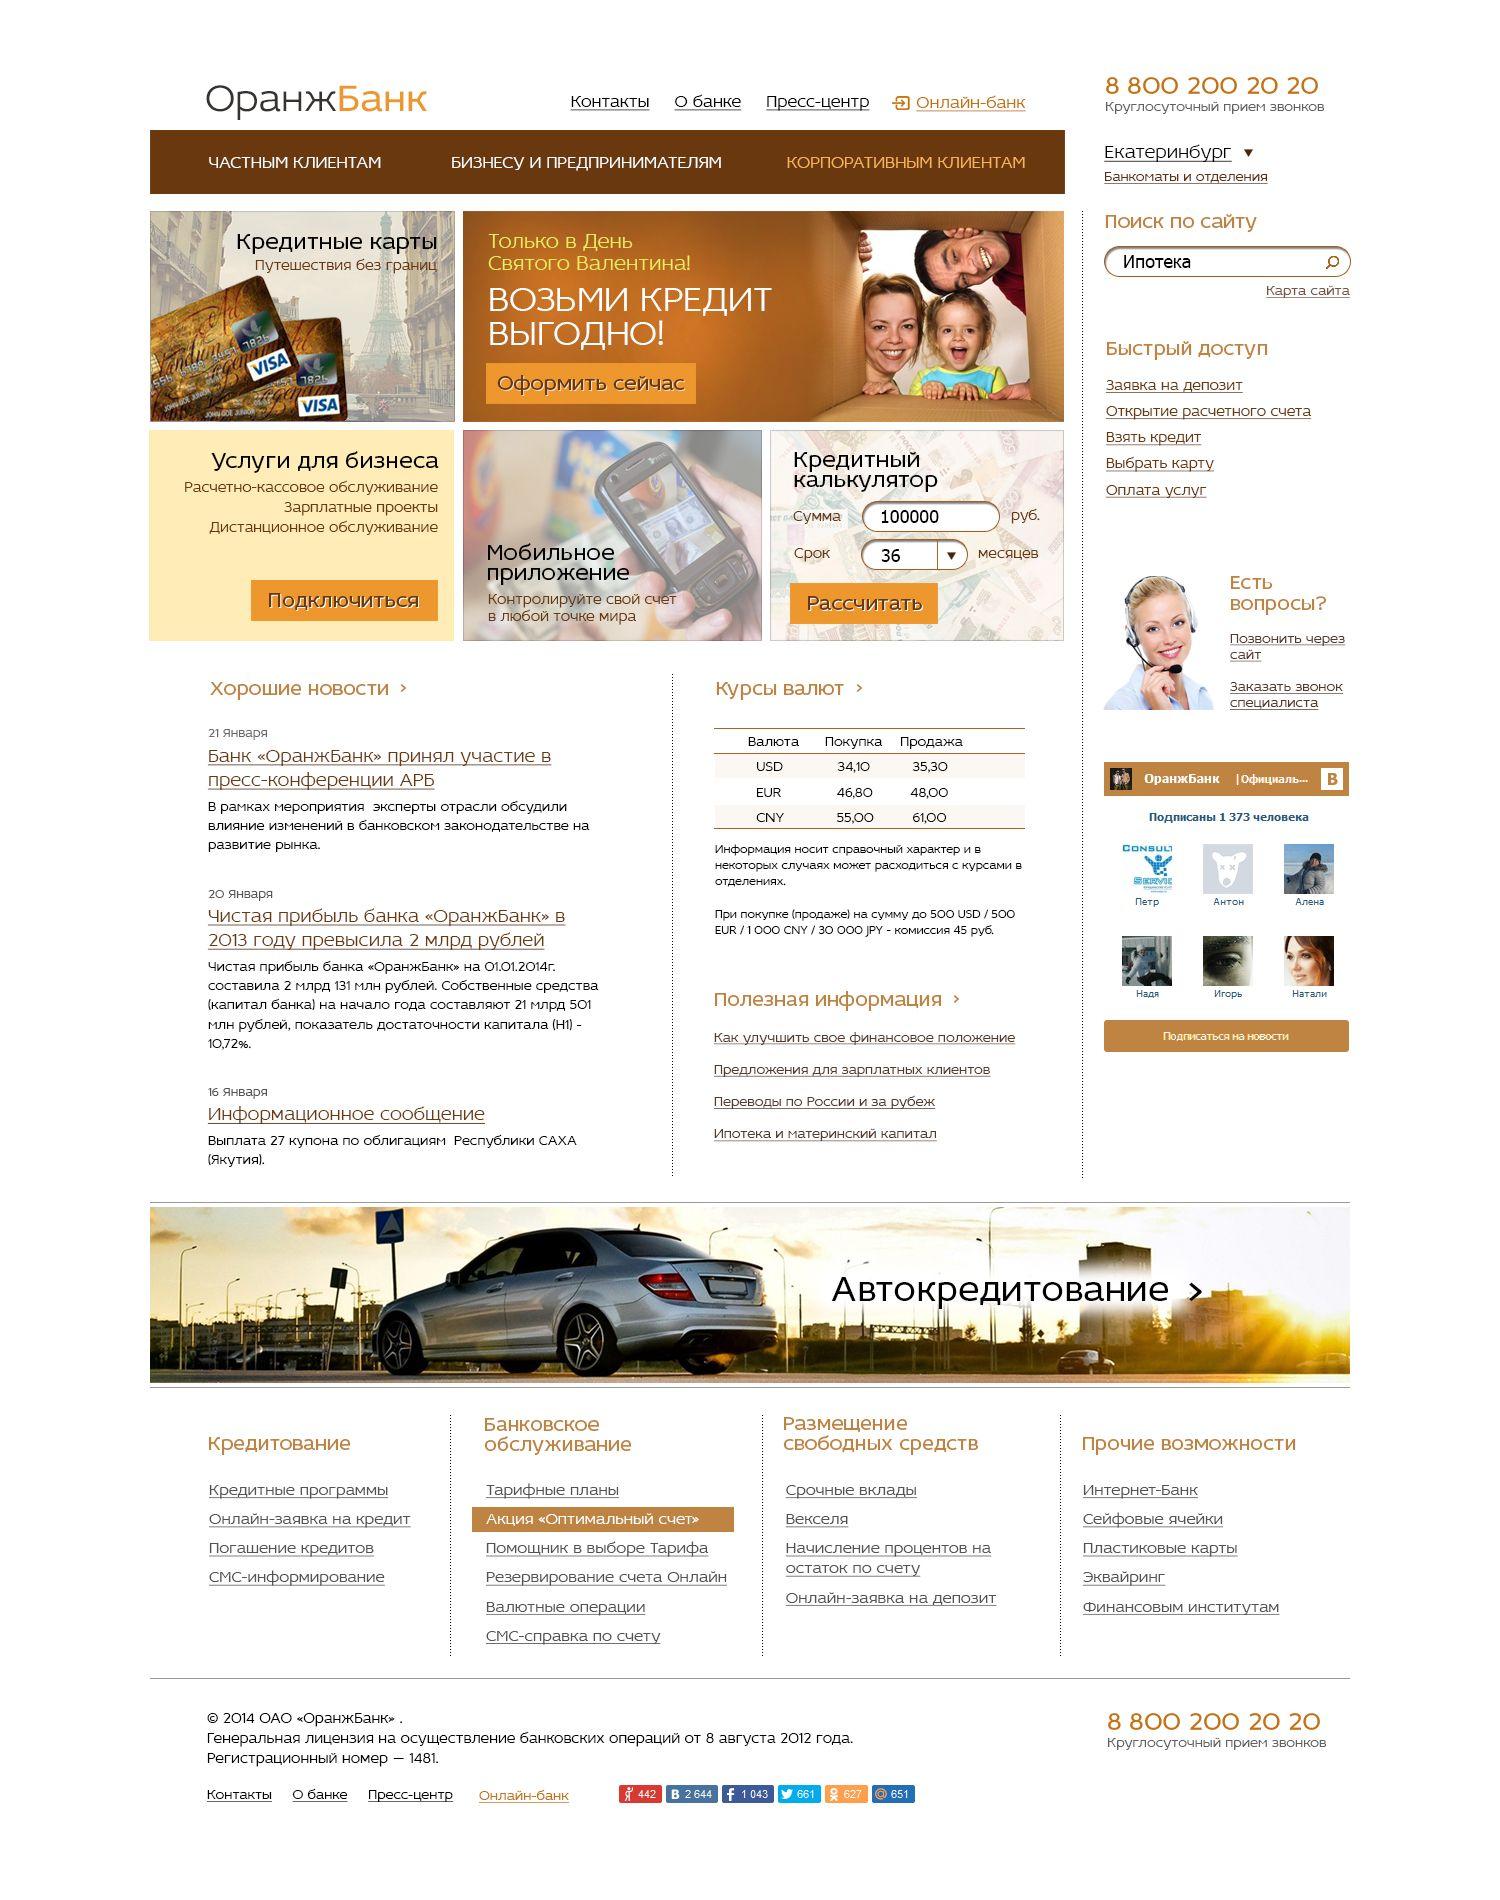 Креативный дизайн Главной страницы Банка - дизайнер chapel